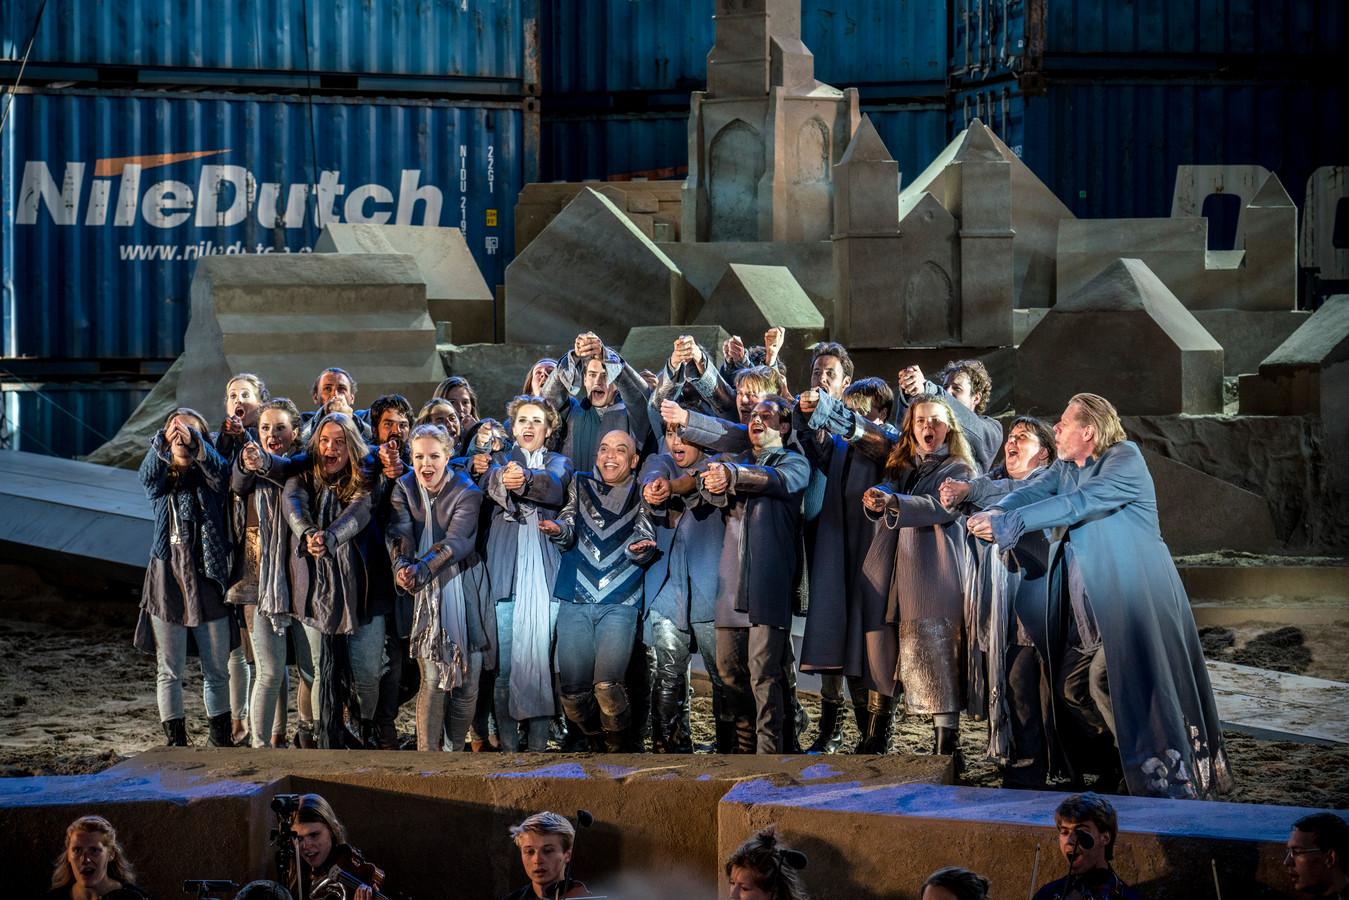 De opera Thijl werd opgevoerd op vliegbasis Soesterberg in een decor van zeecontainers.